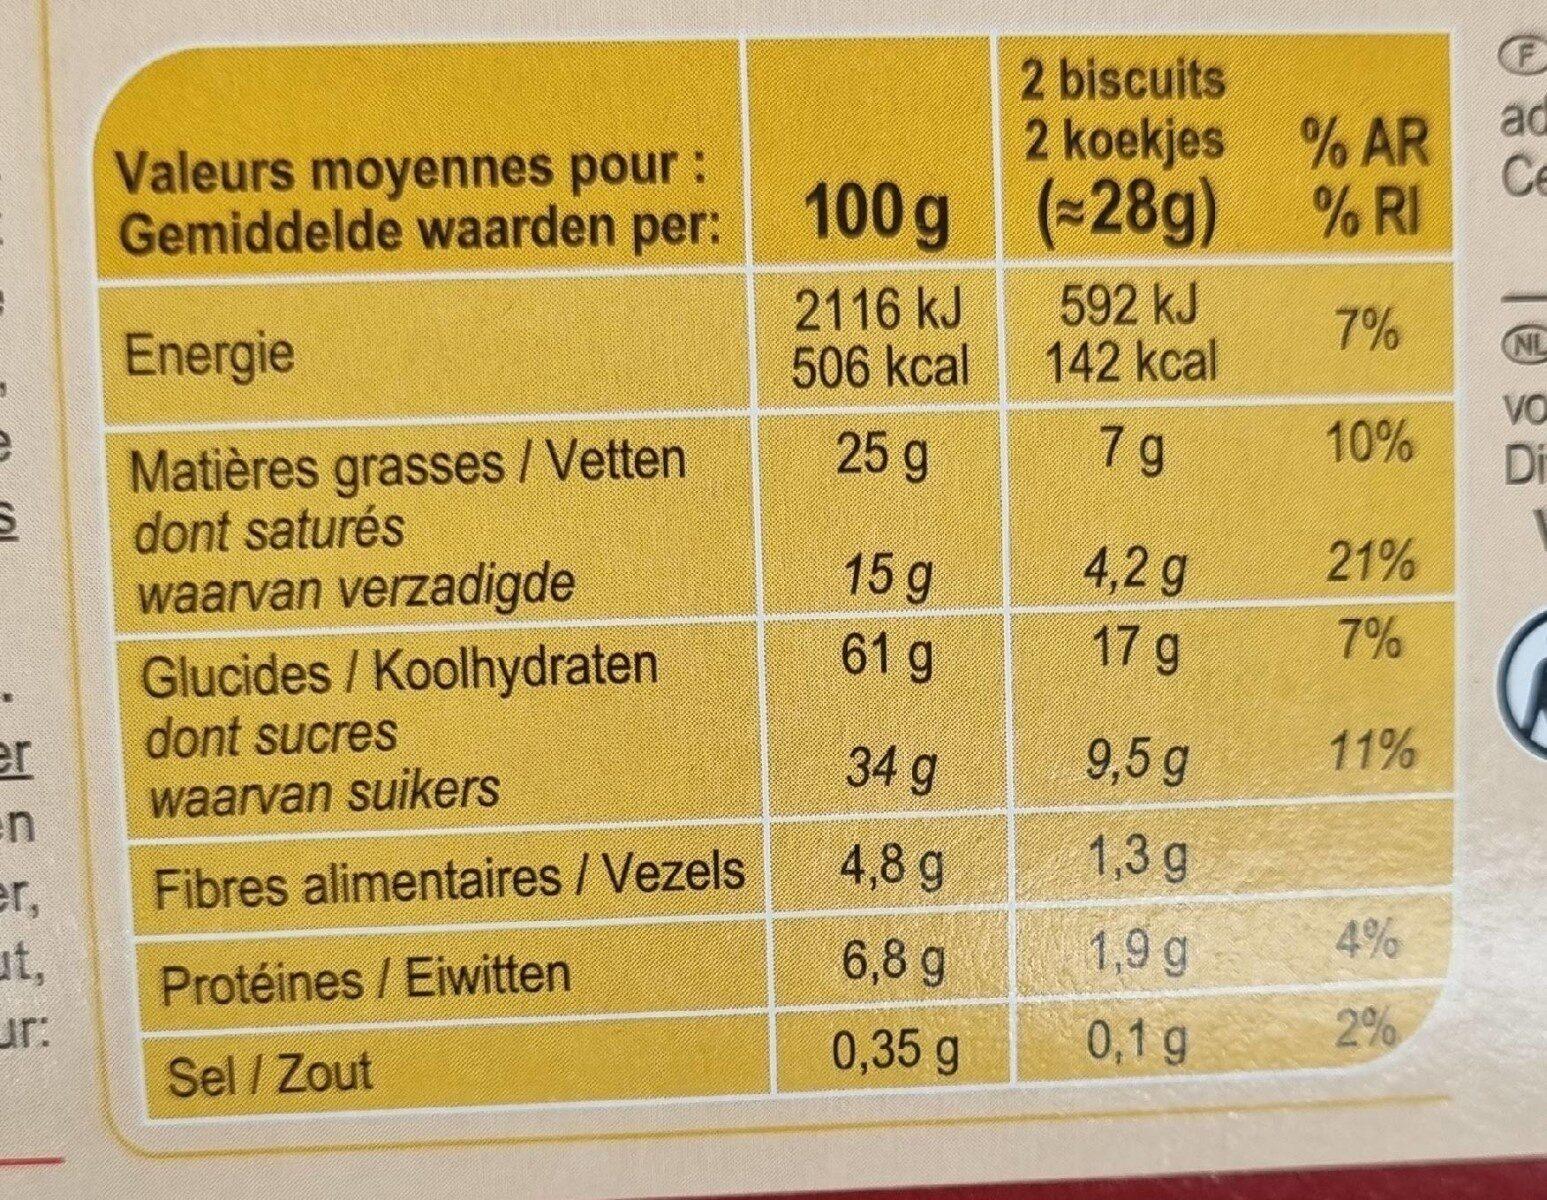 Biscuits tablette chocolat noir - Informations nutritionnelles - fr